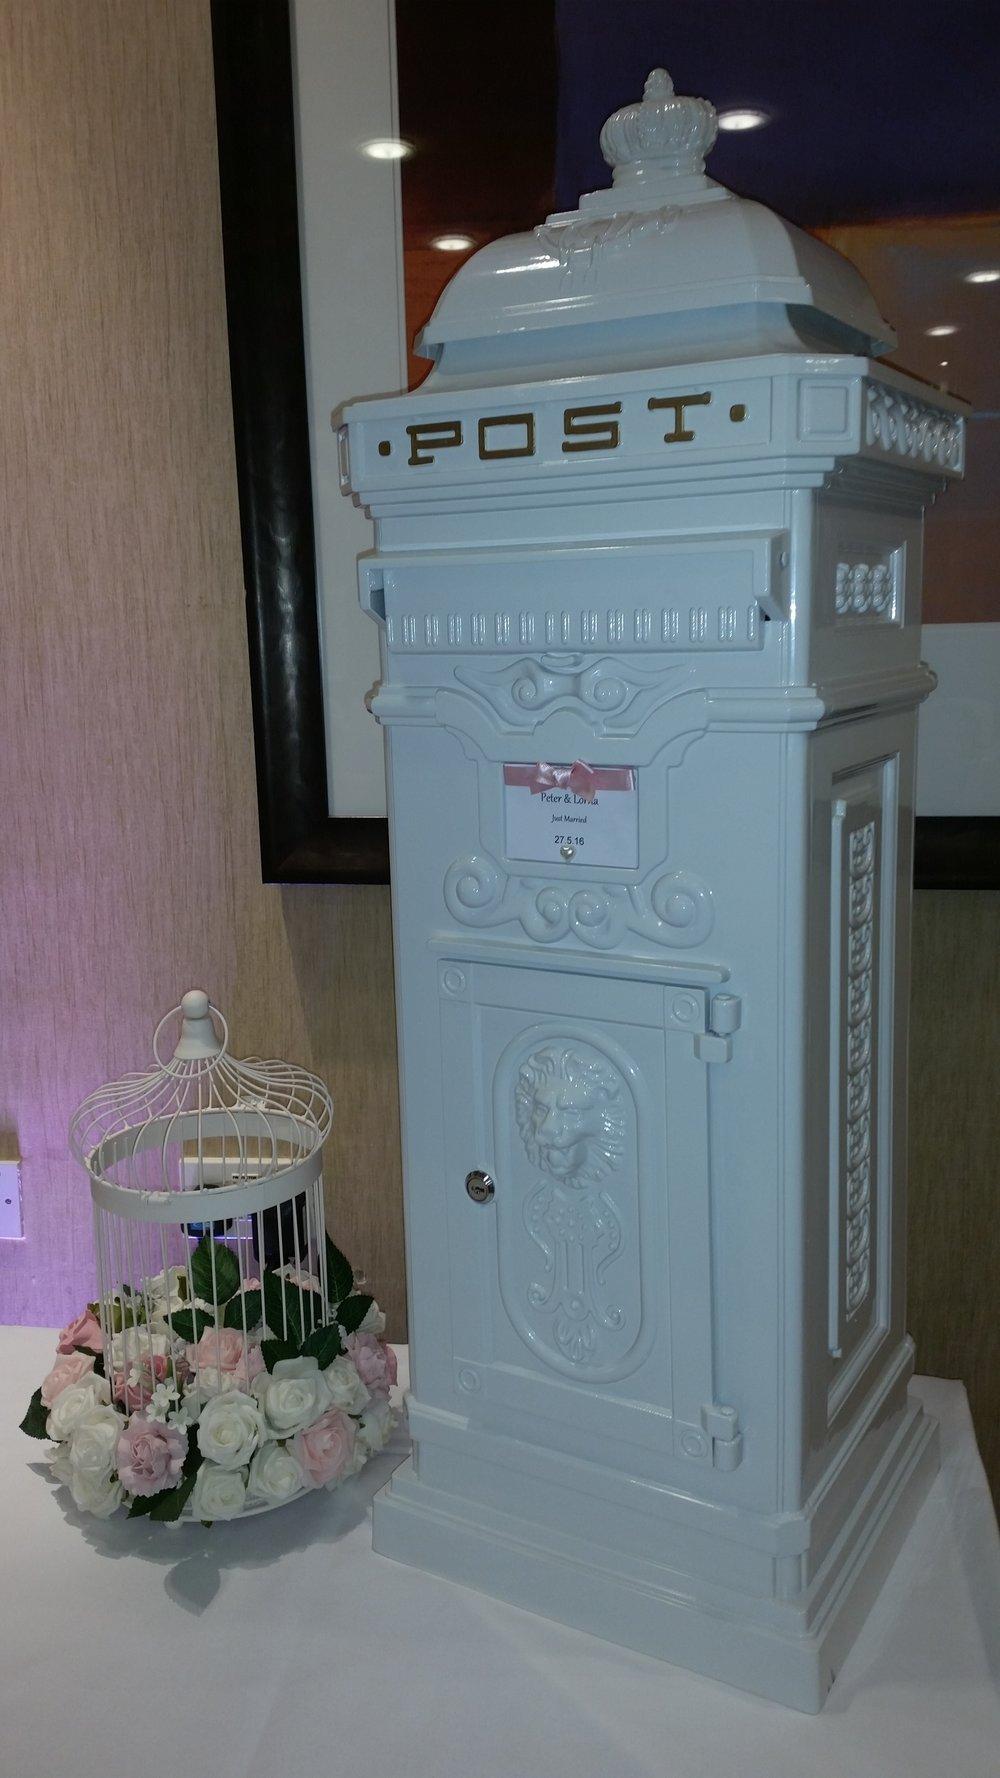 The Derbyshire Hotel Wedding